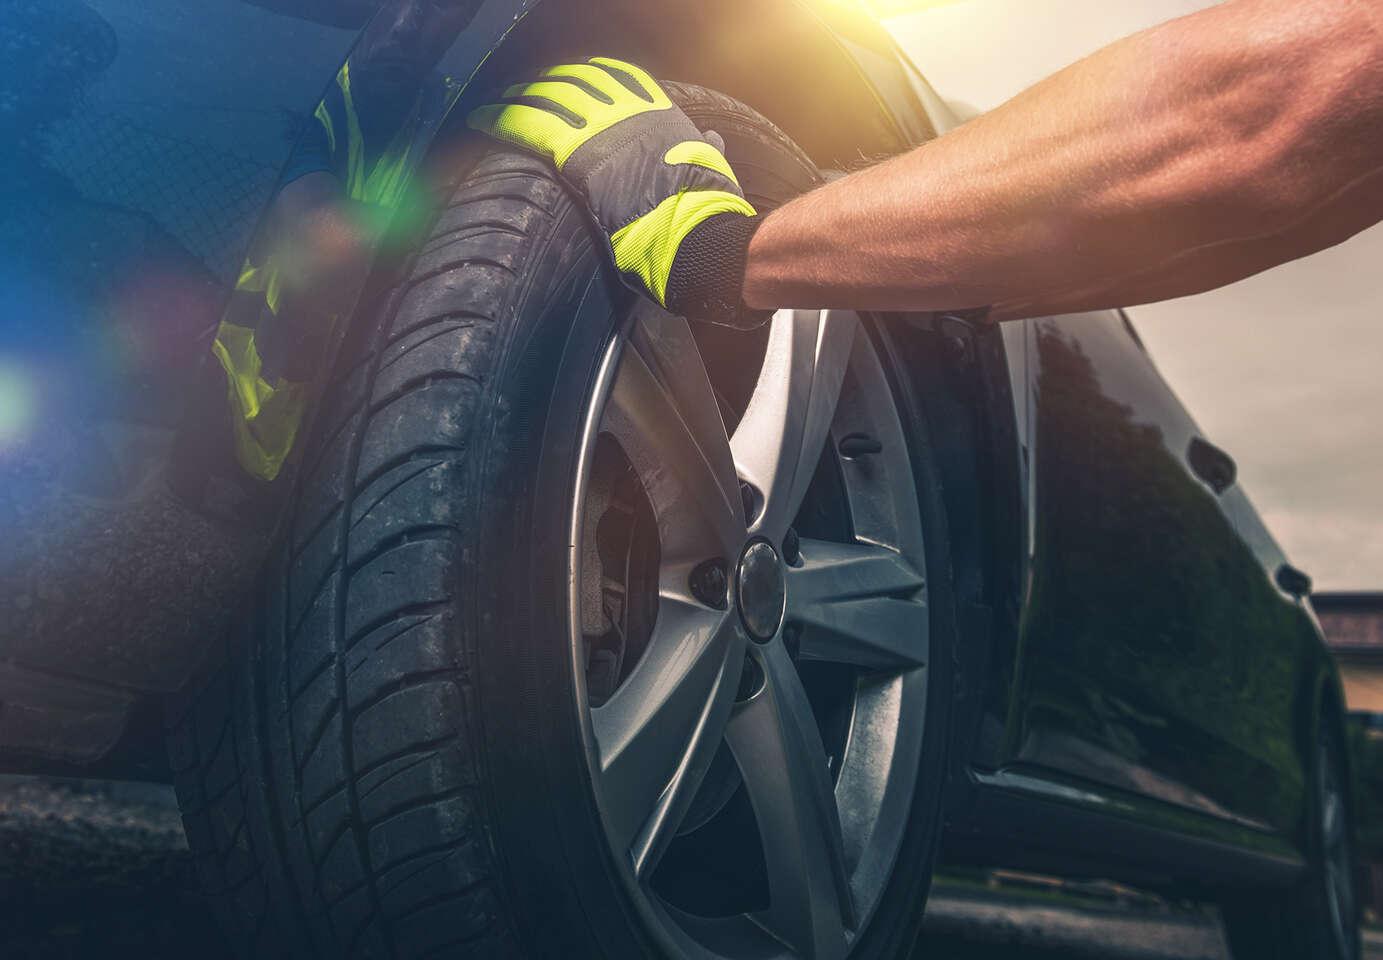 Šetrné prezutie bez rizika poškodenia pneumatiky na novom automate...